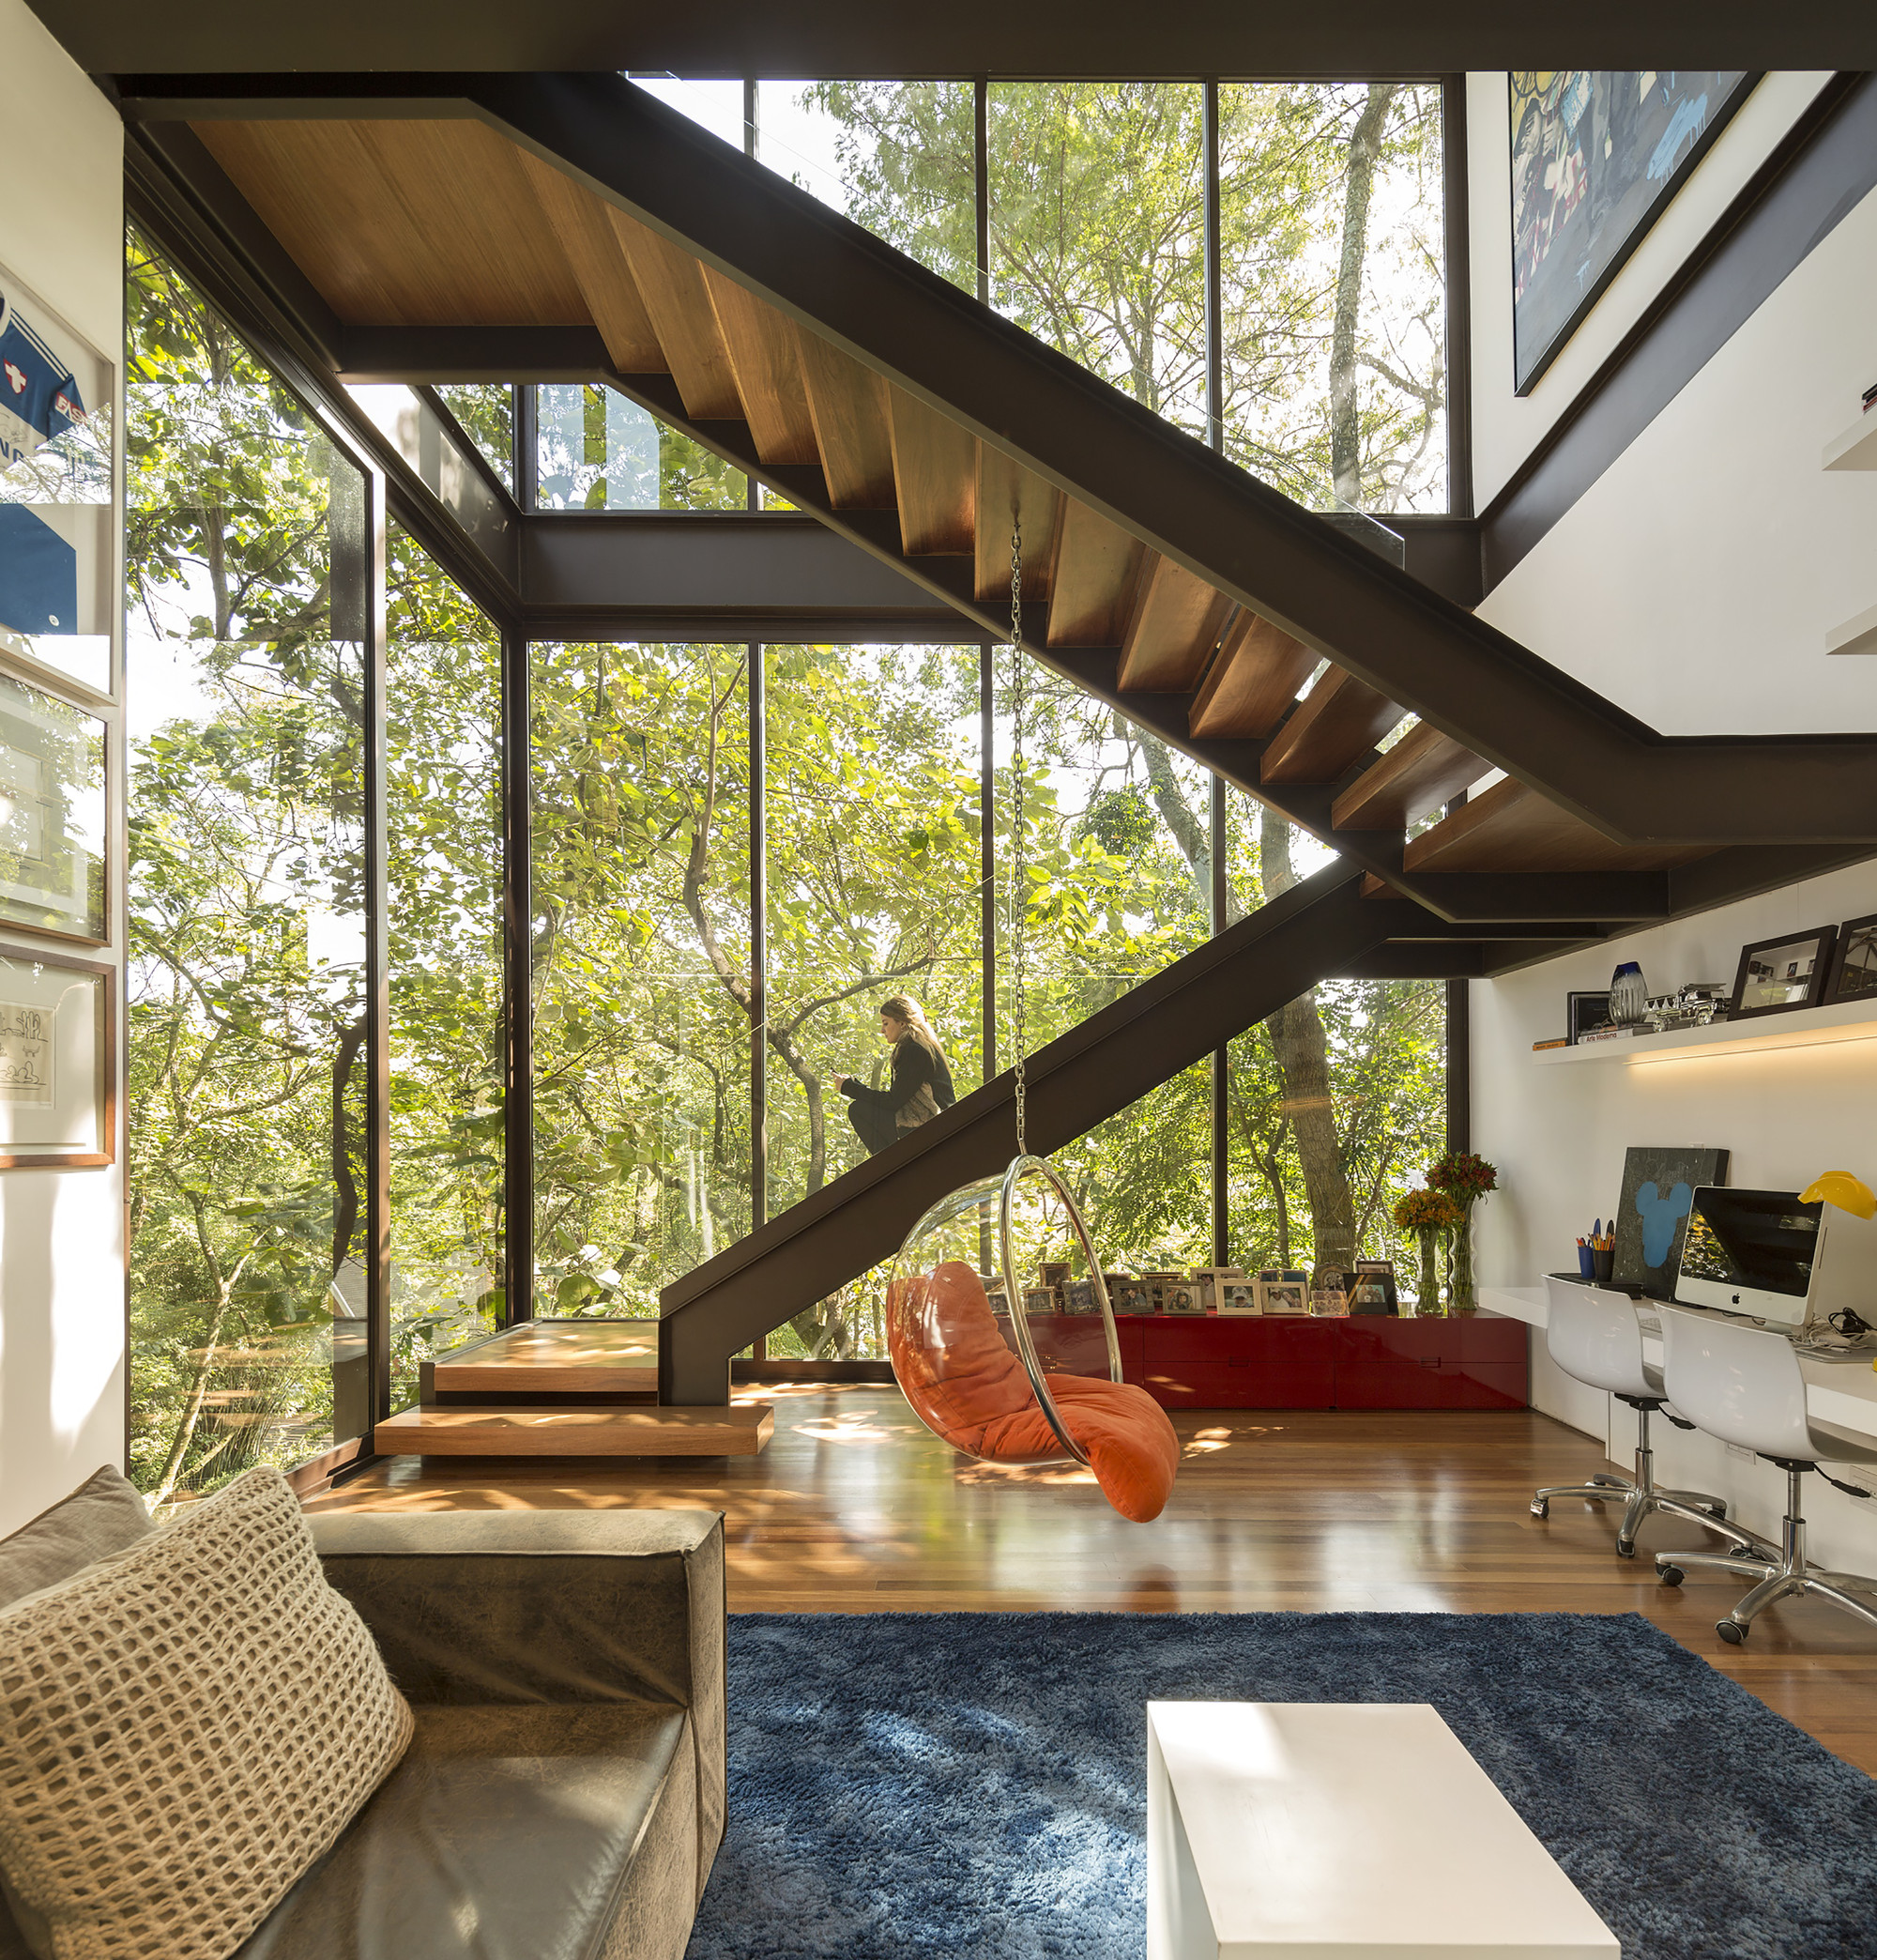 Limantos Residence / Fernanda Marques Arquitetos Associados, © Fernando Guerra | FG+SG